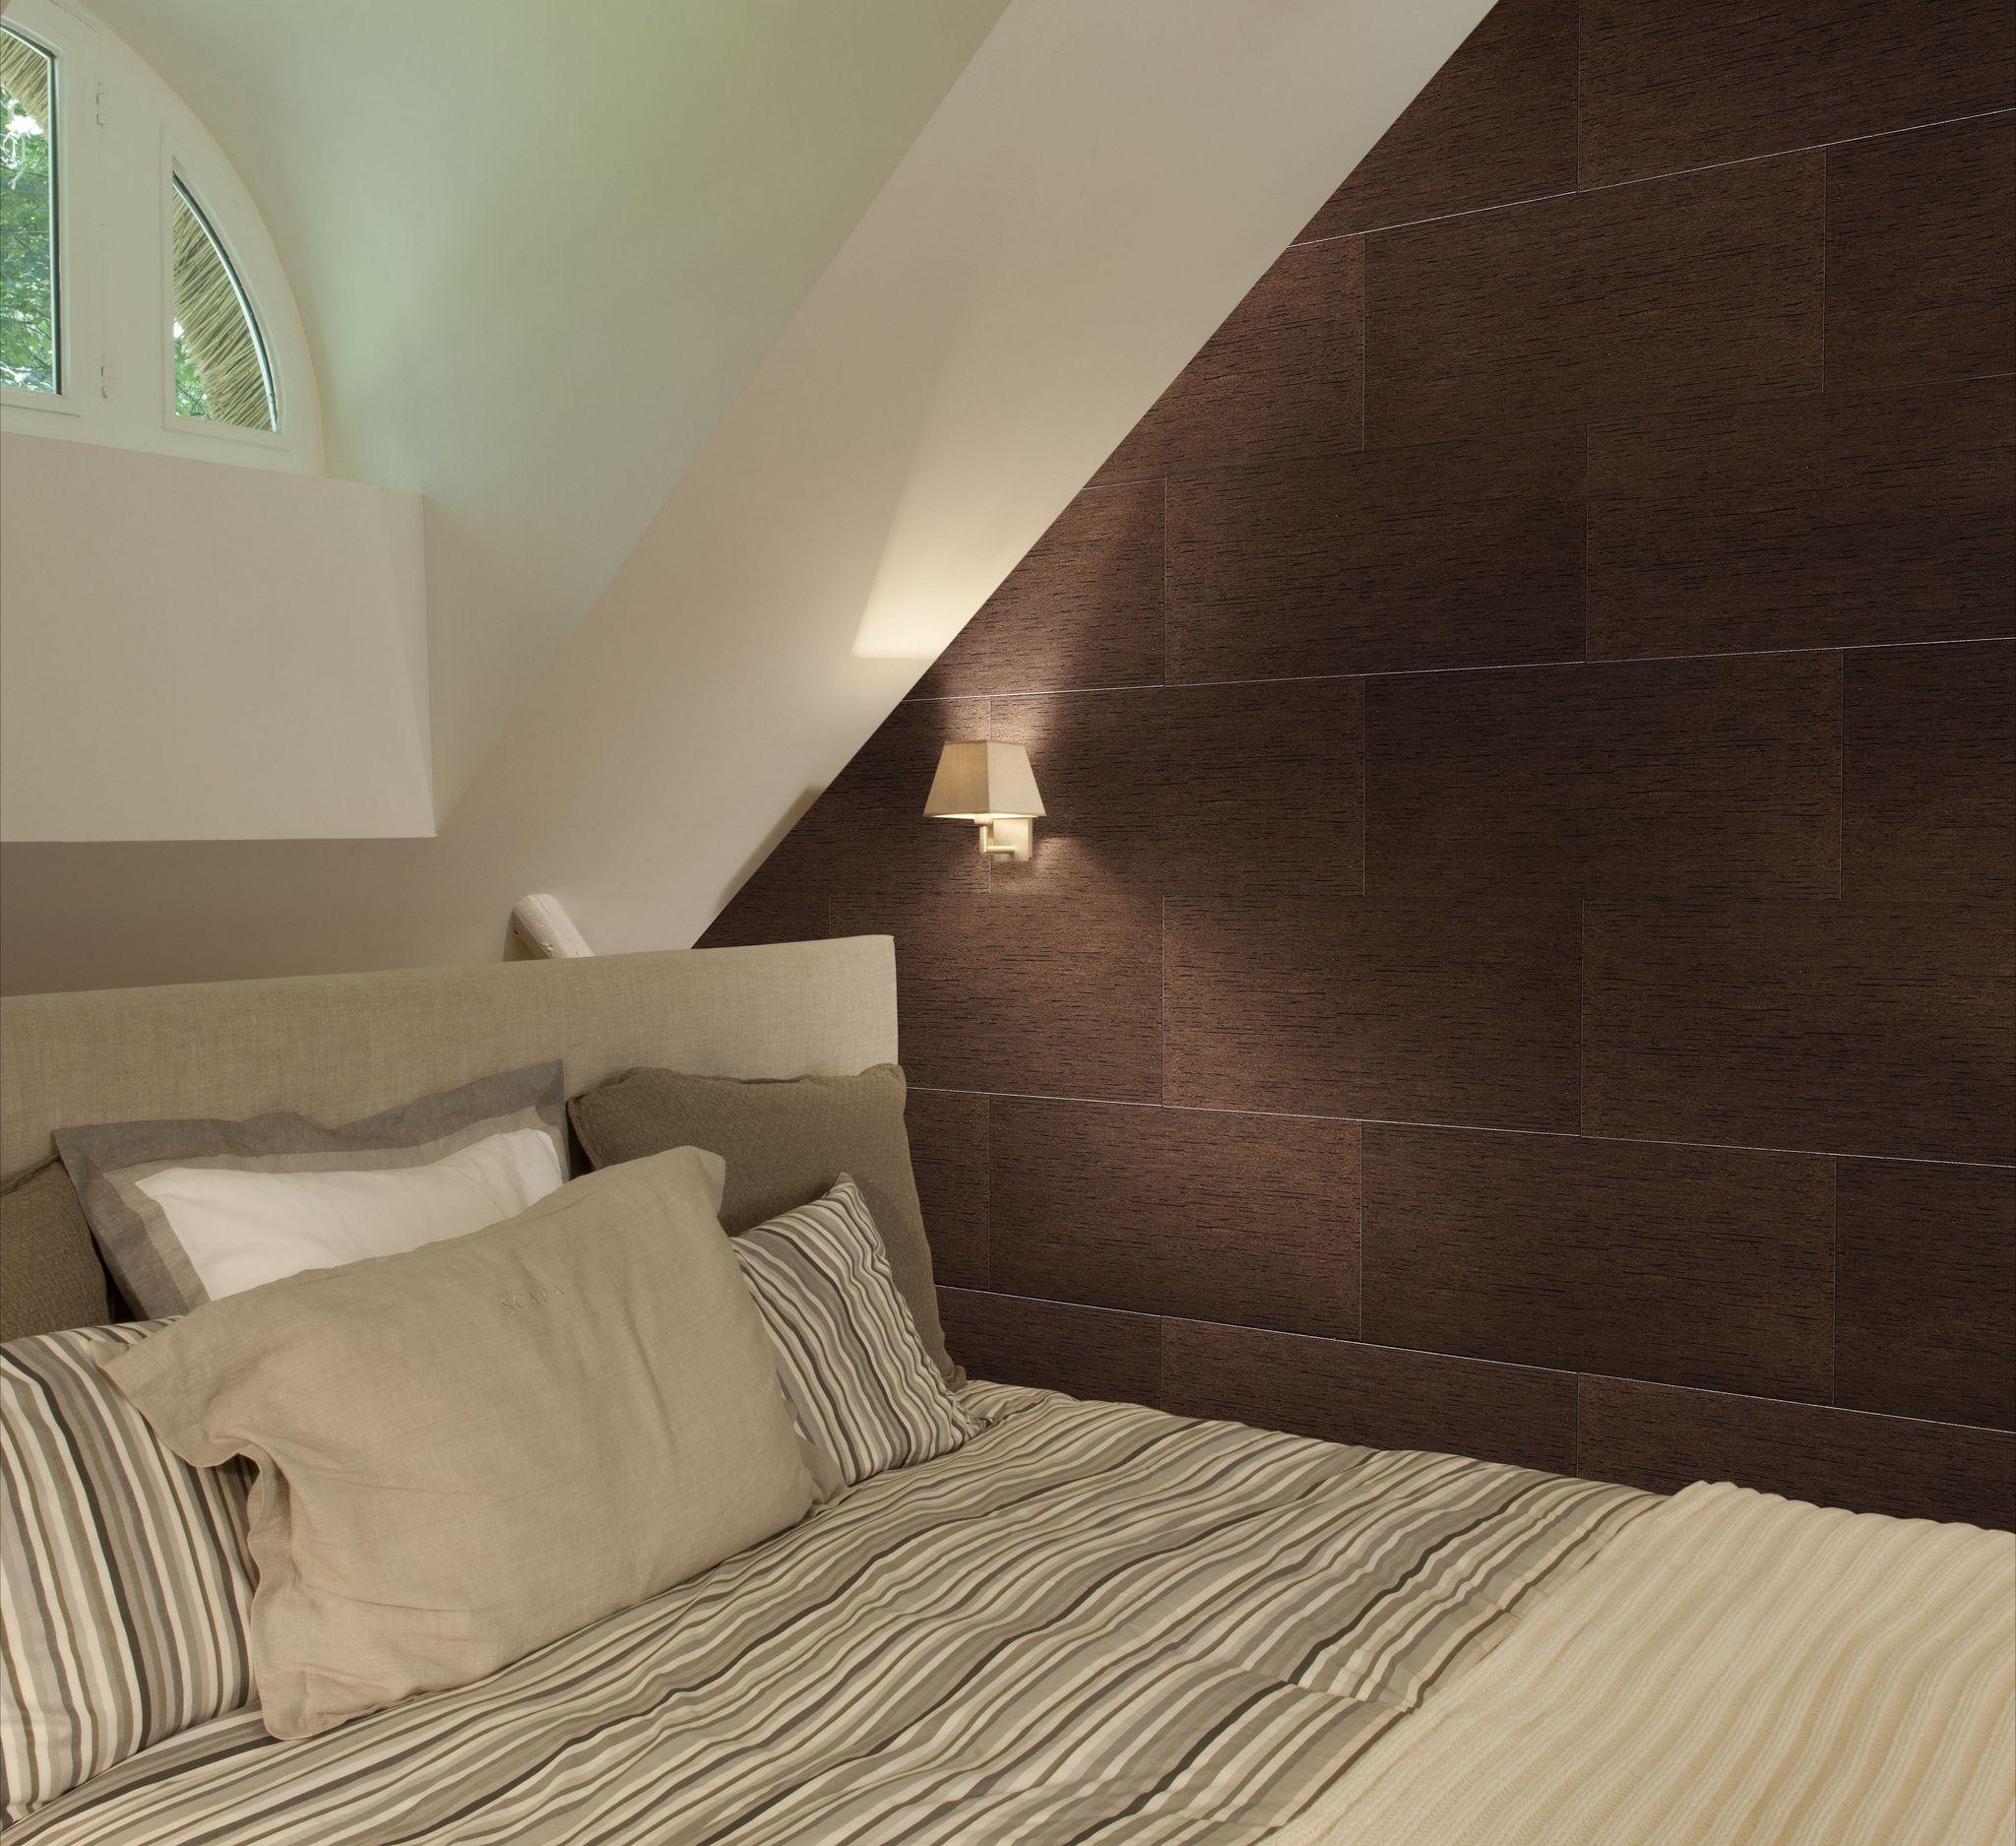 wand in kurk tijdloze eenvoud slaapkamer kurk wand kurk in